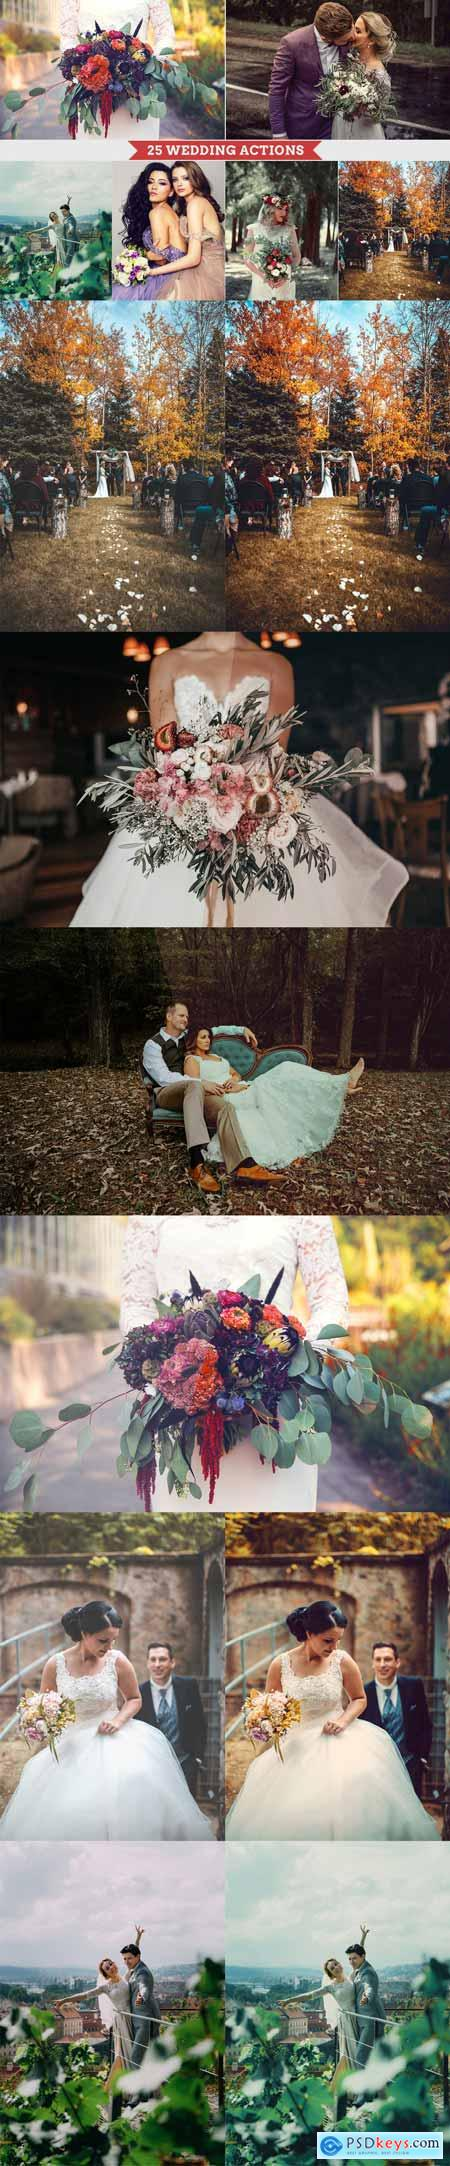 25 Wedding Photoshop Actions 3368313